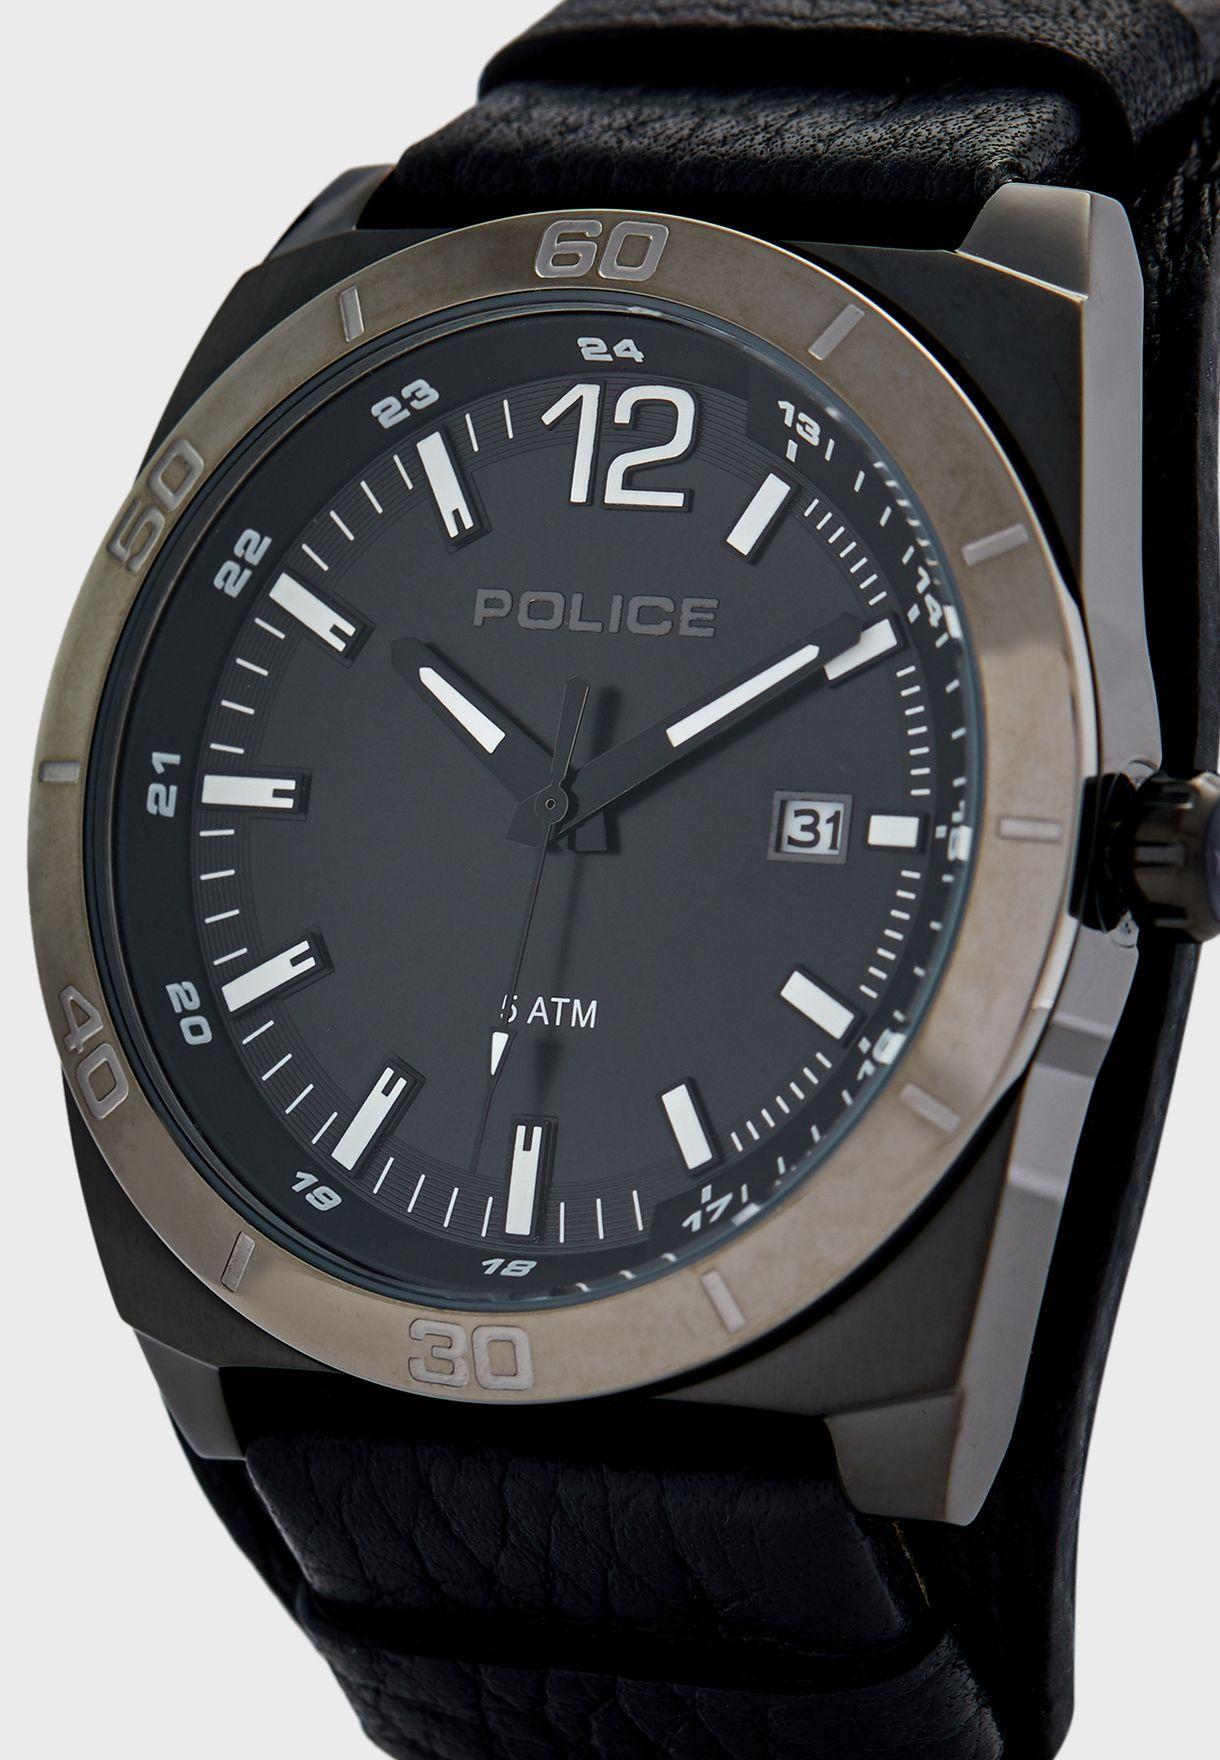 Stampede Watch